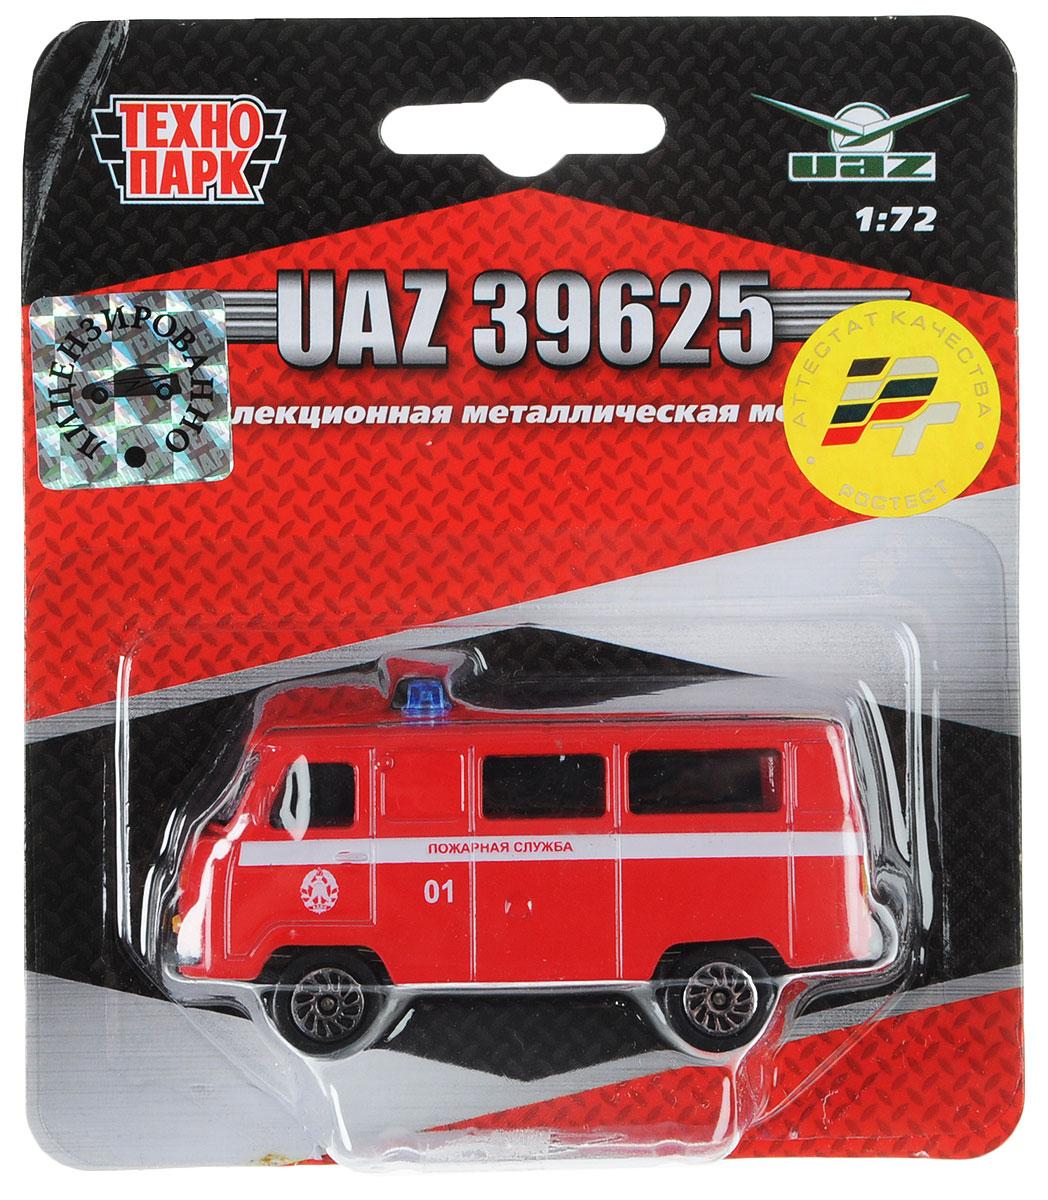 ТехноПарк Автомобиль UAZ 39625 Пожарная служба